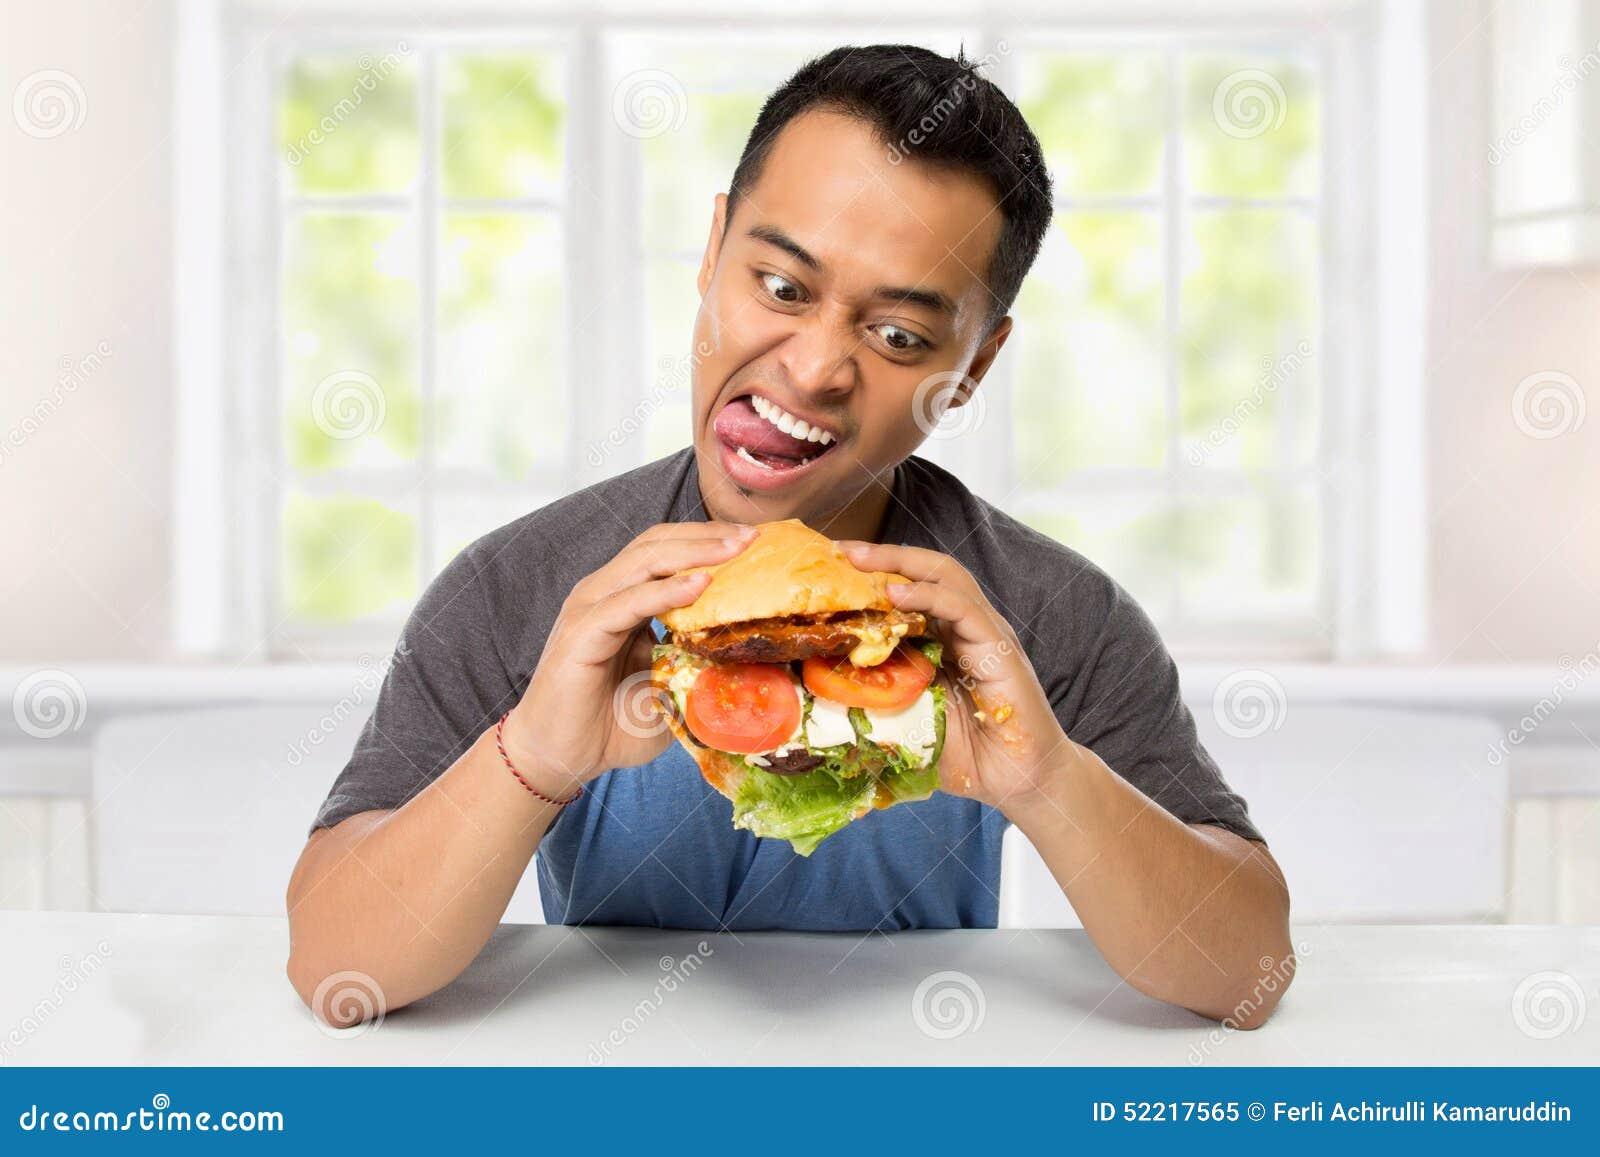 Молодой человек имеет большое желание съесть бургер